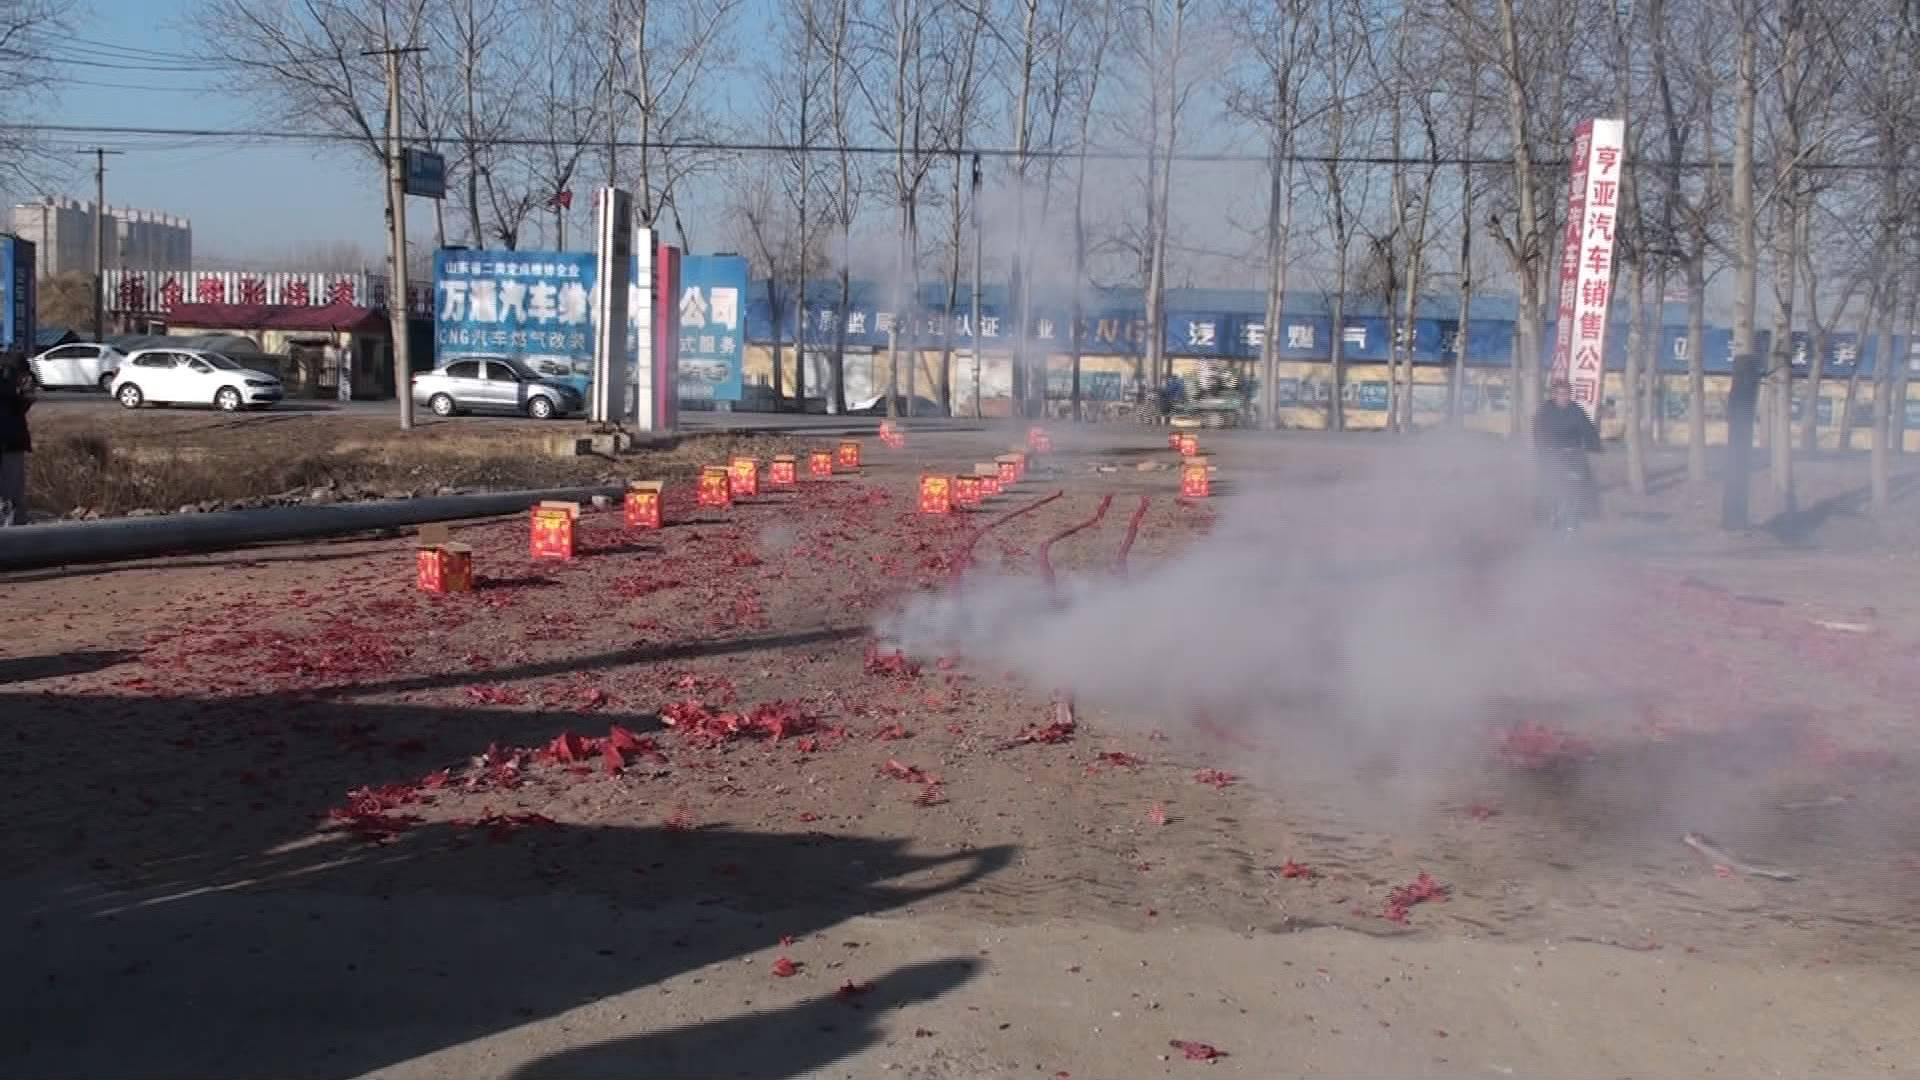 山东发布倡议|文明过节 禁限燃放烟花爆竹  春节期间可能出现重度污染天气